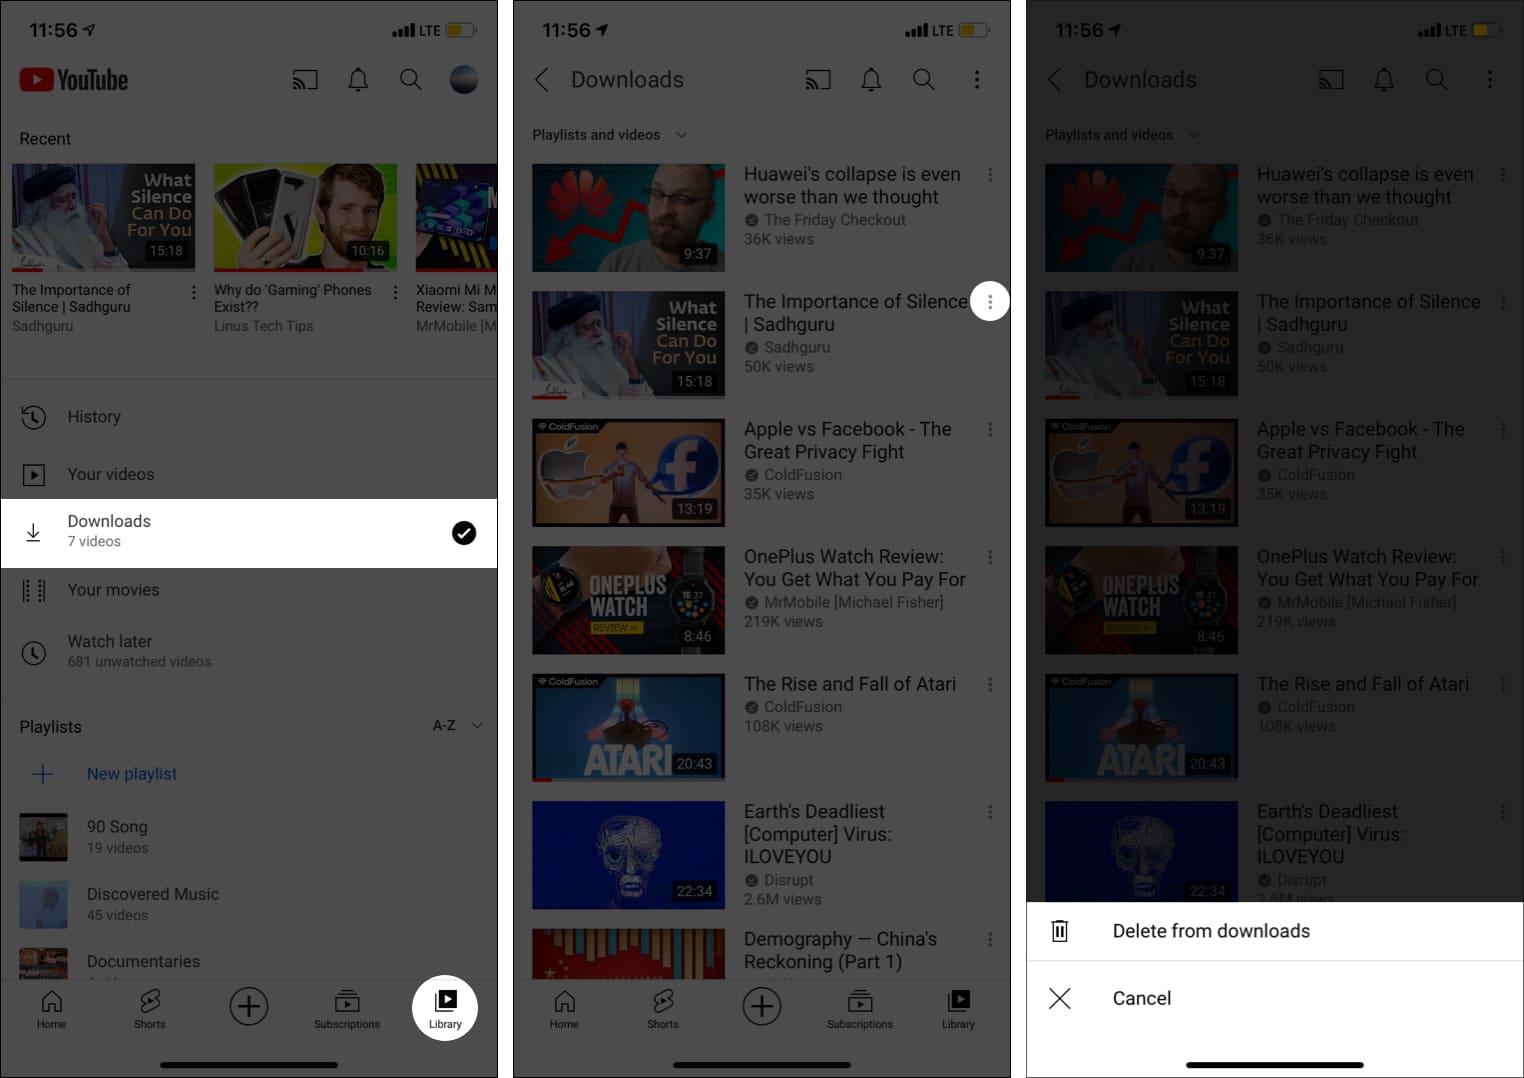 Как удалить офлайн-видео по одному из приложения YouTube